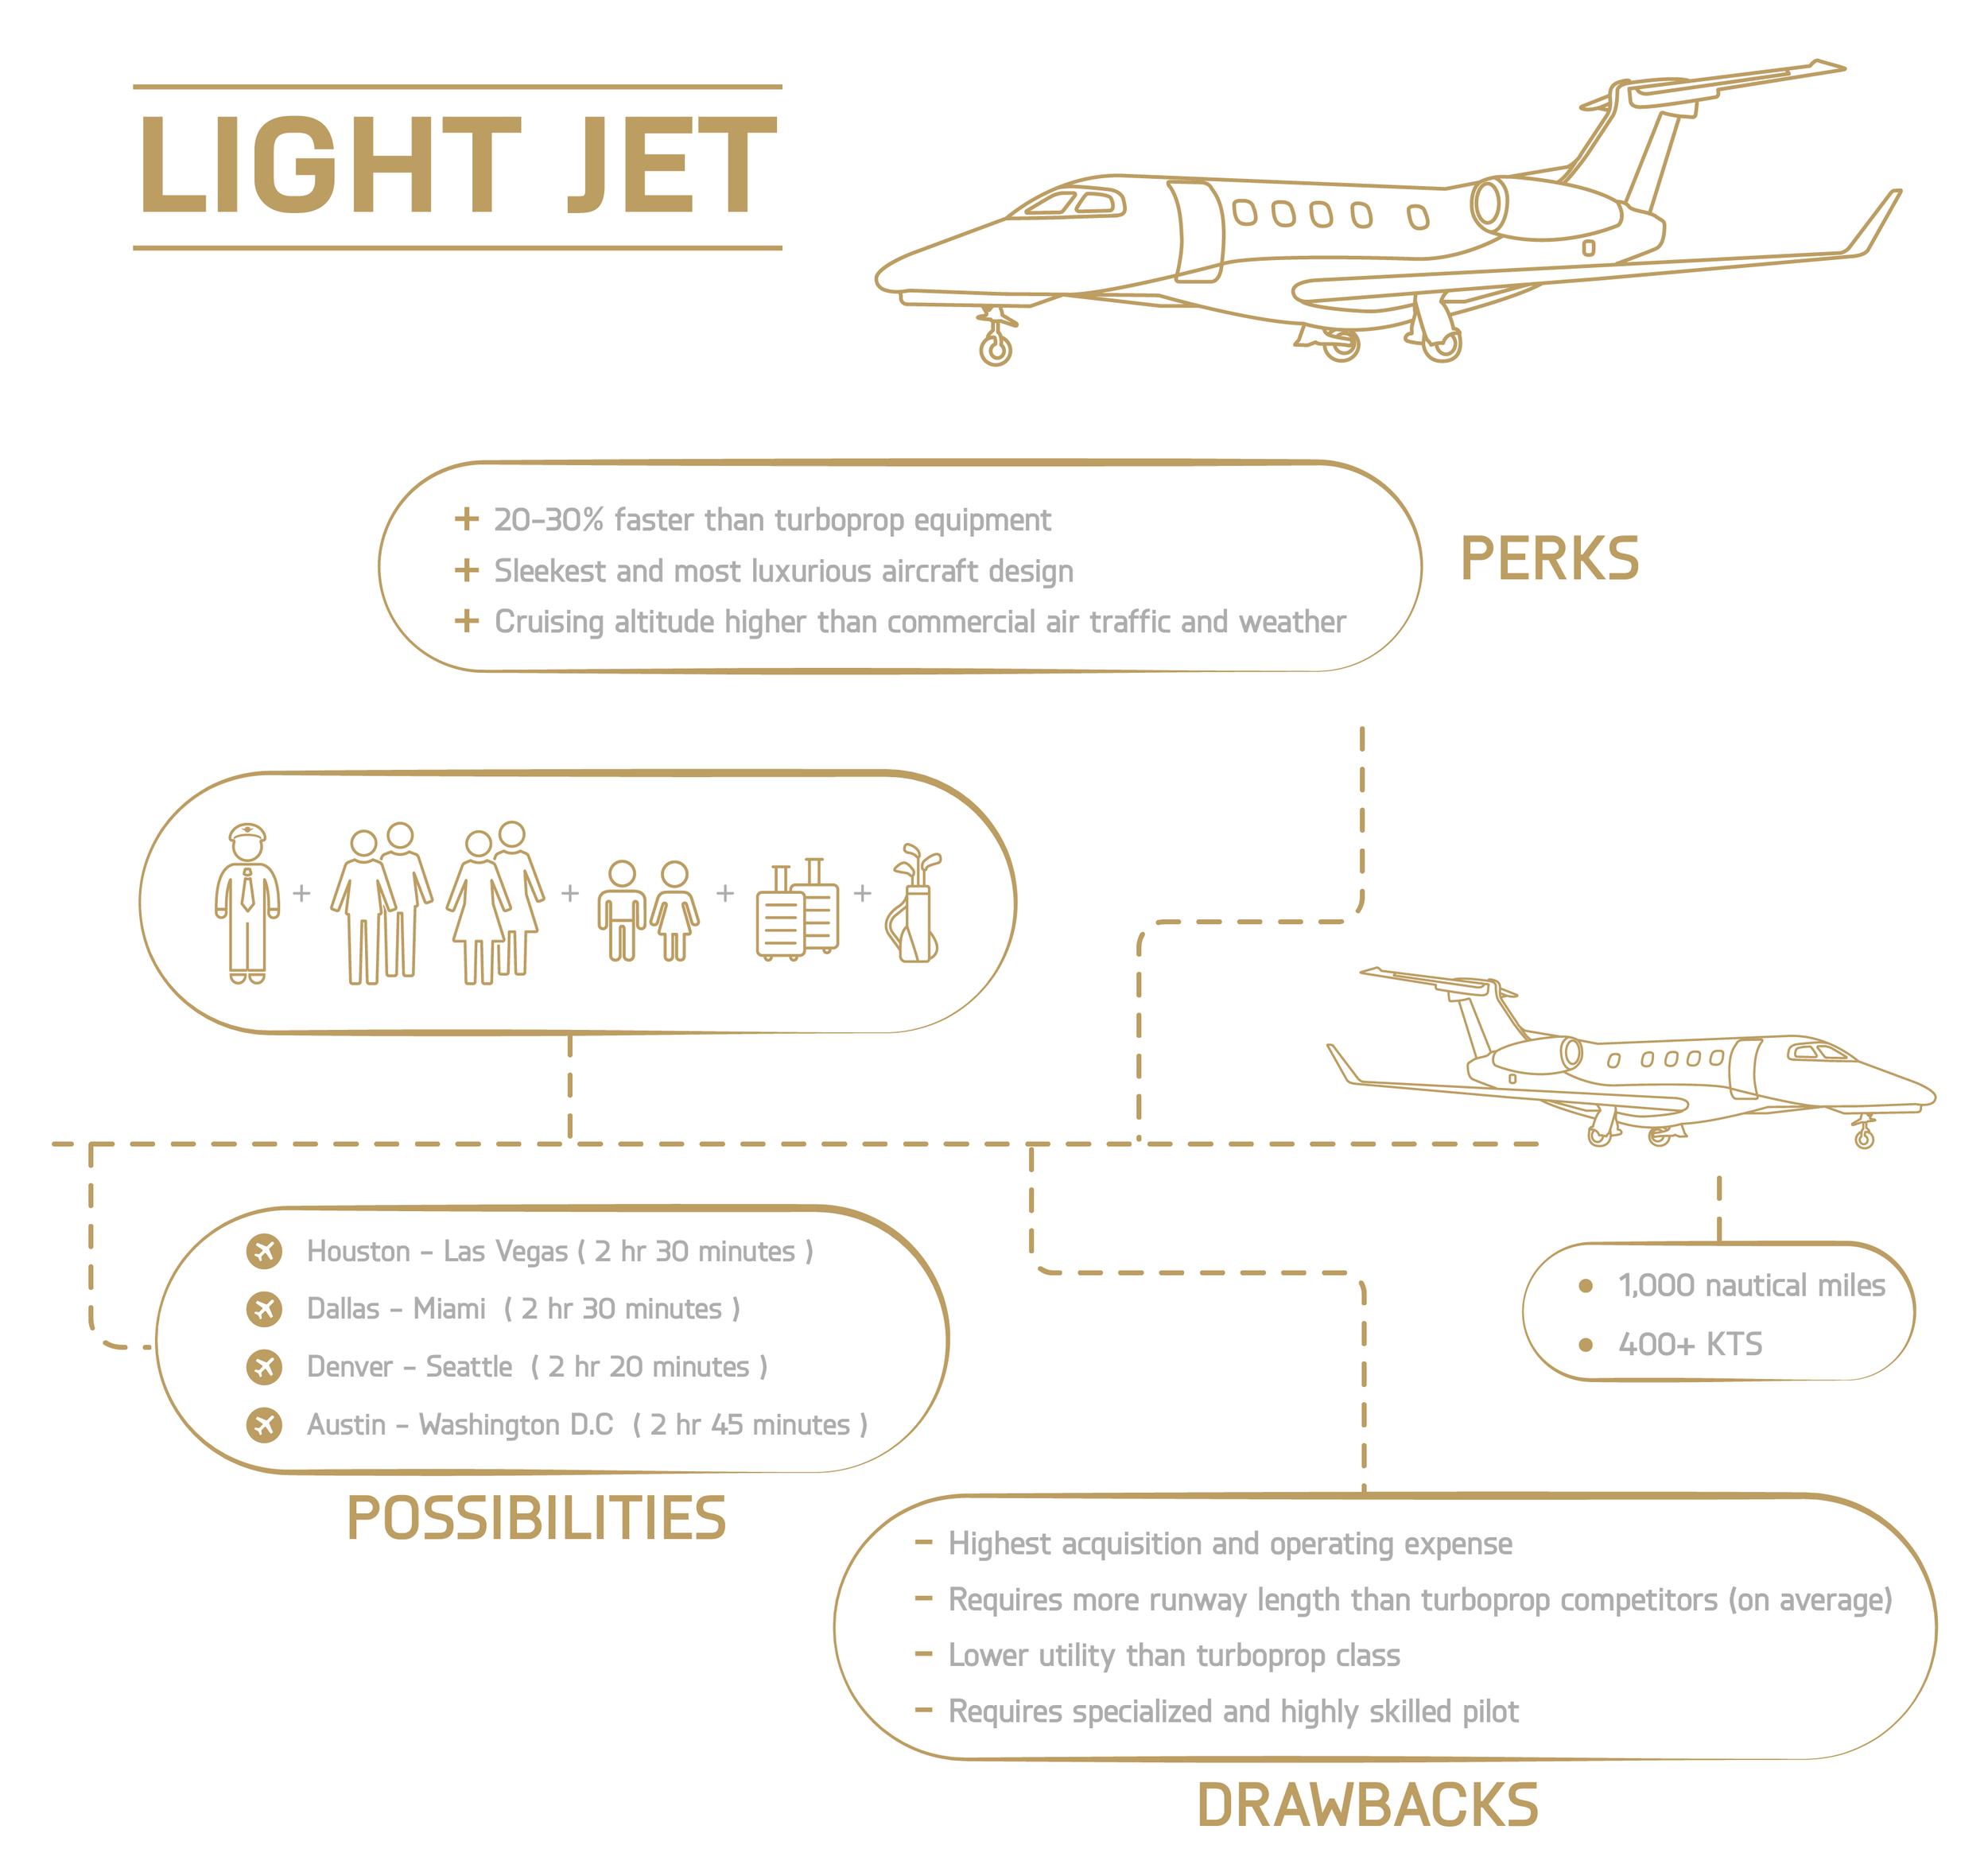 Light Jet Aircraft Overview